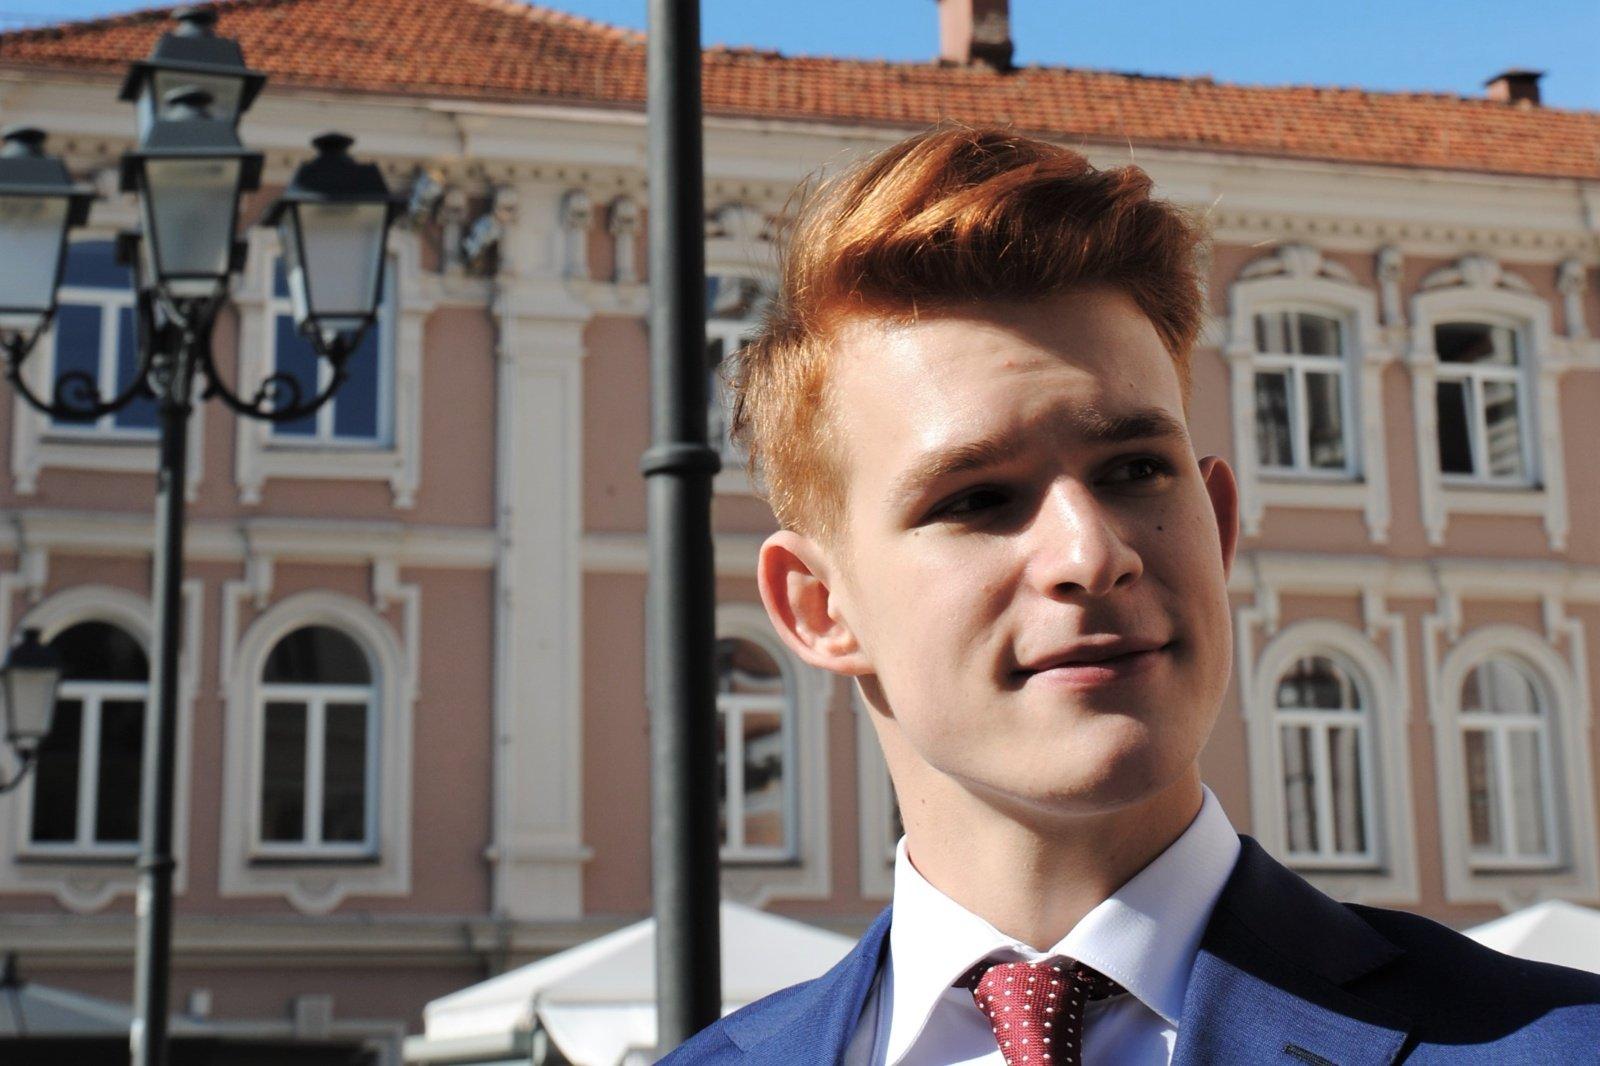 Su dirbtiniu intelektu savo gyvenimą norintis sieti lietuvis: tai neabejotinai keis ir darbo rinką